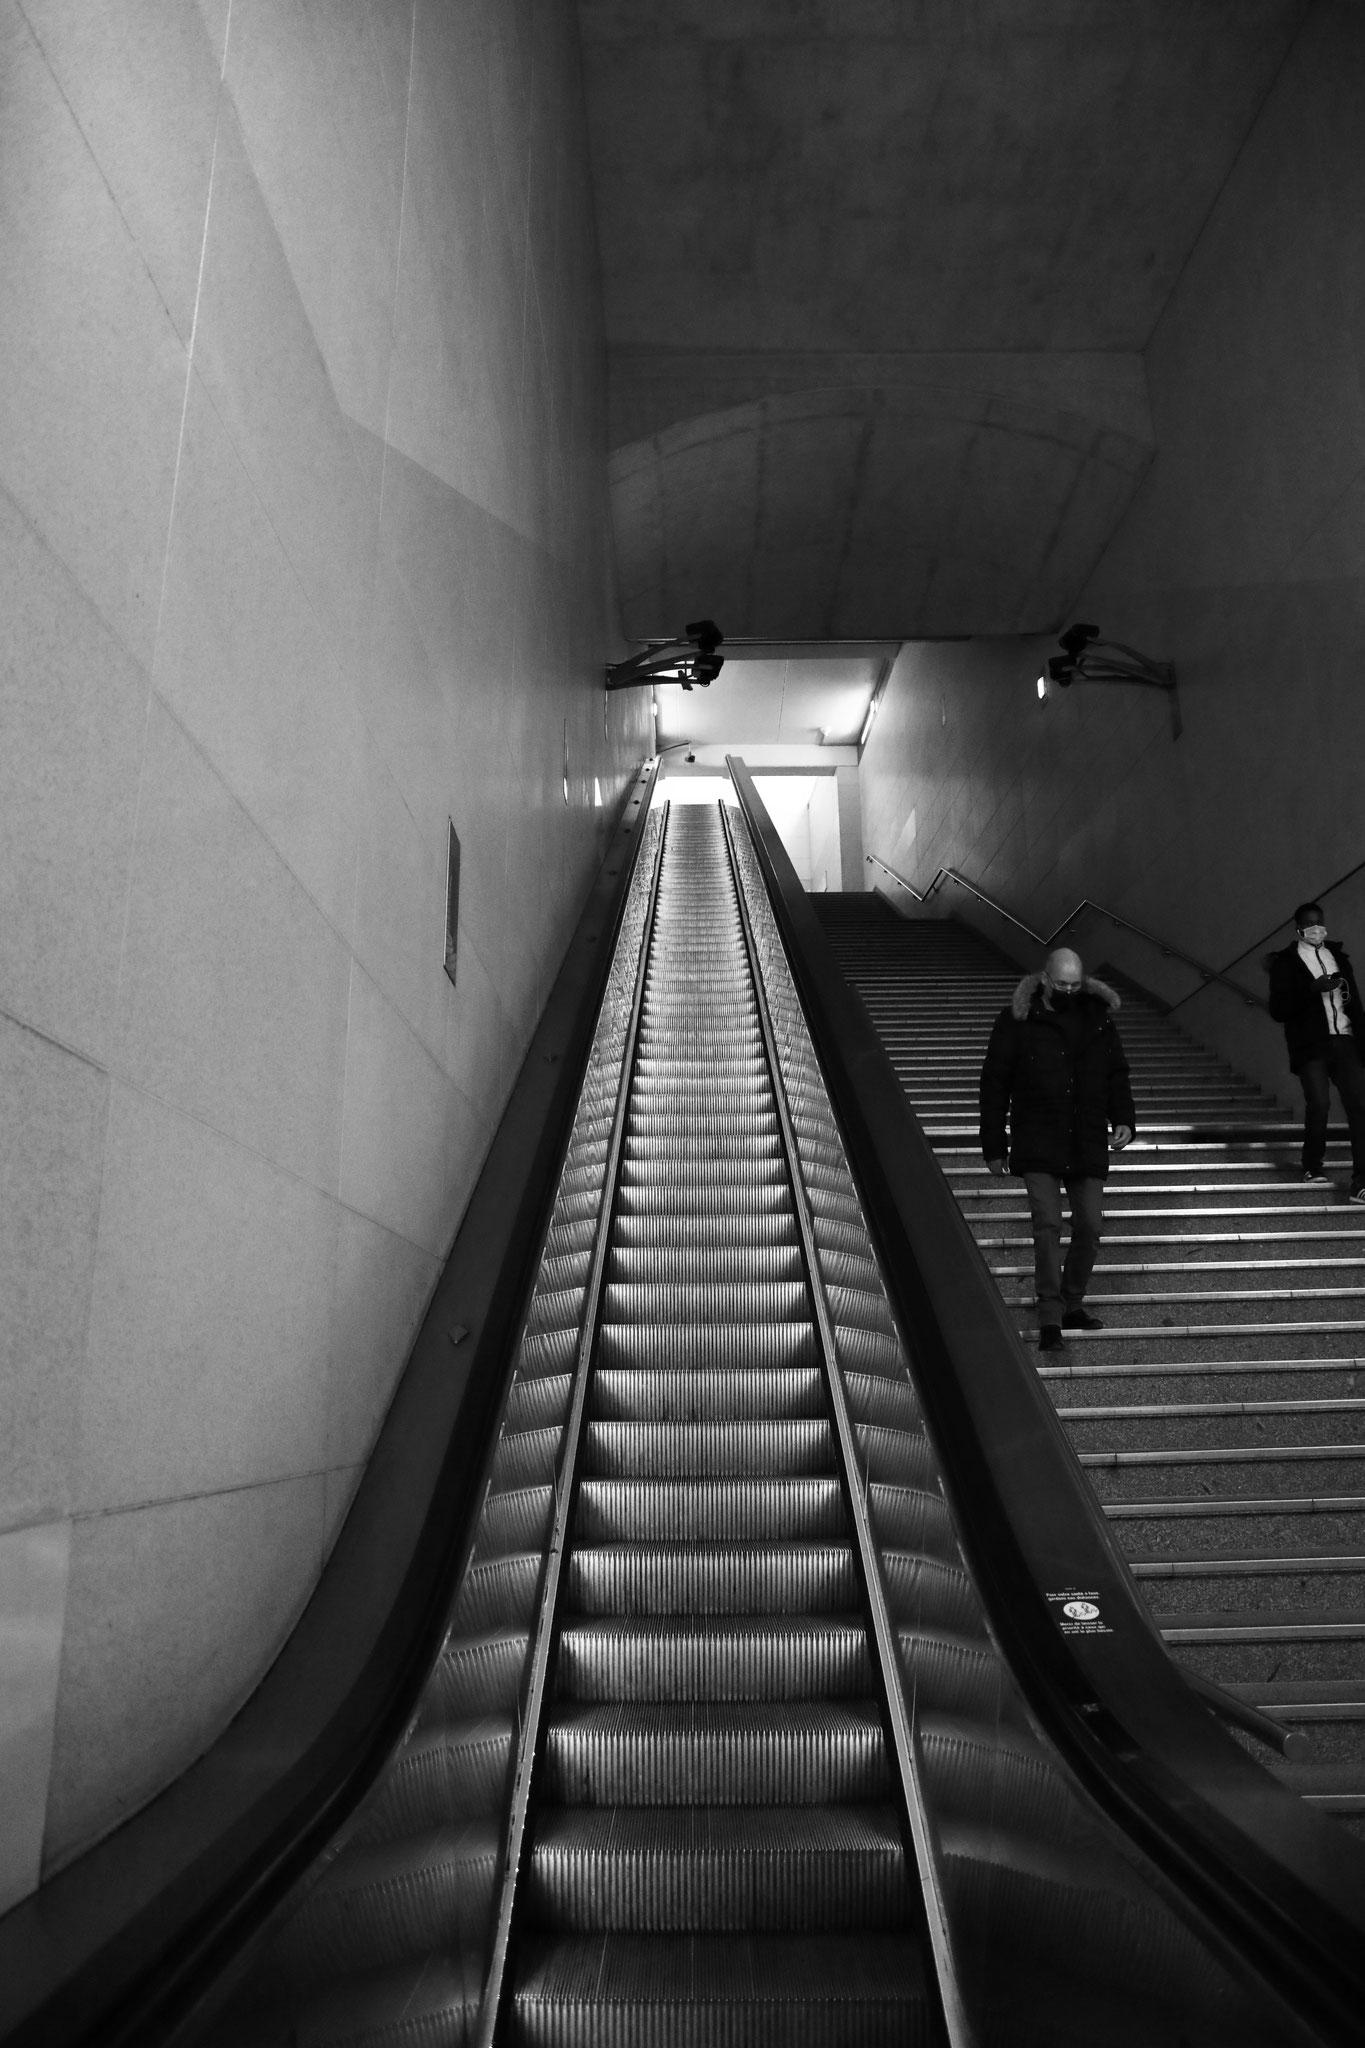 """""""Underground steps"""" - Station Bibliothèque François Mitterand, Paris (2021). Canon 5D Mark IV + 24-105mm. ©Clémence Rougetet"""